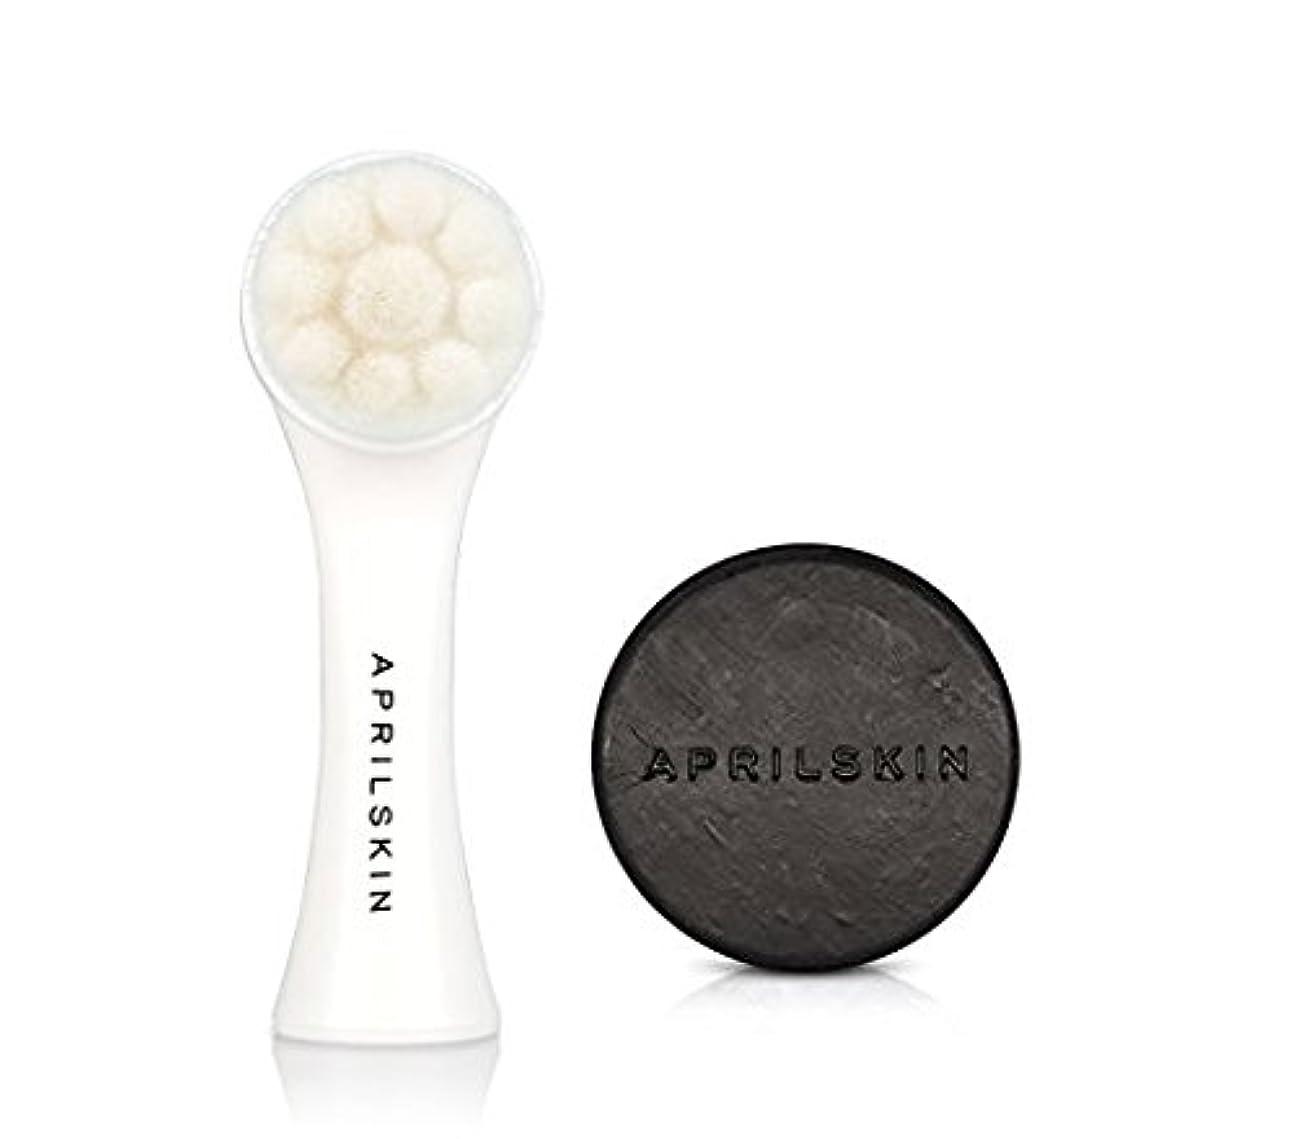 フローグラフィック習慣APRILSKIN PORE CLEANER SET [エイプリルスキン国民石鹸BLACK + 毛穴ブラシSET] [April Skin Magic Stone Black + All Kill Pore Bursh Set] [並行輸入品]